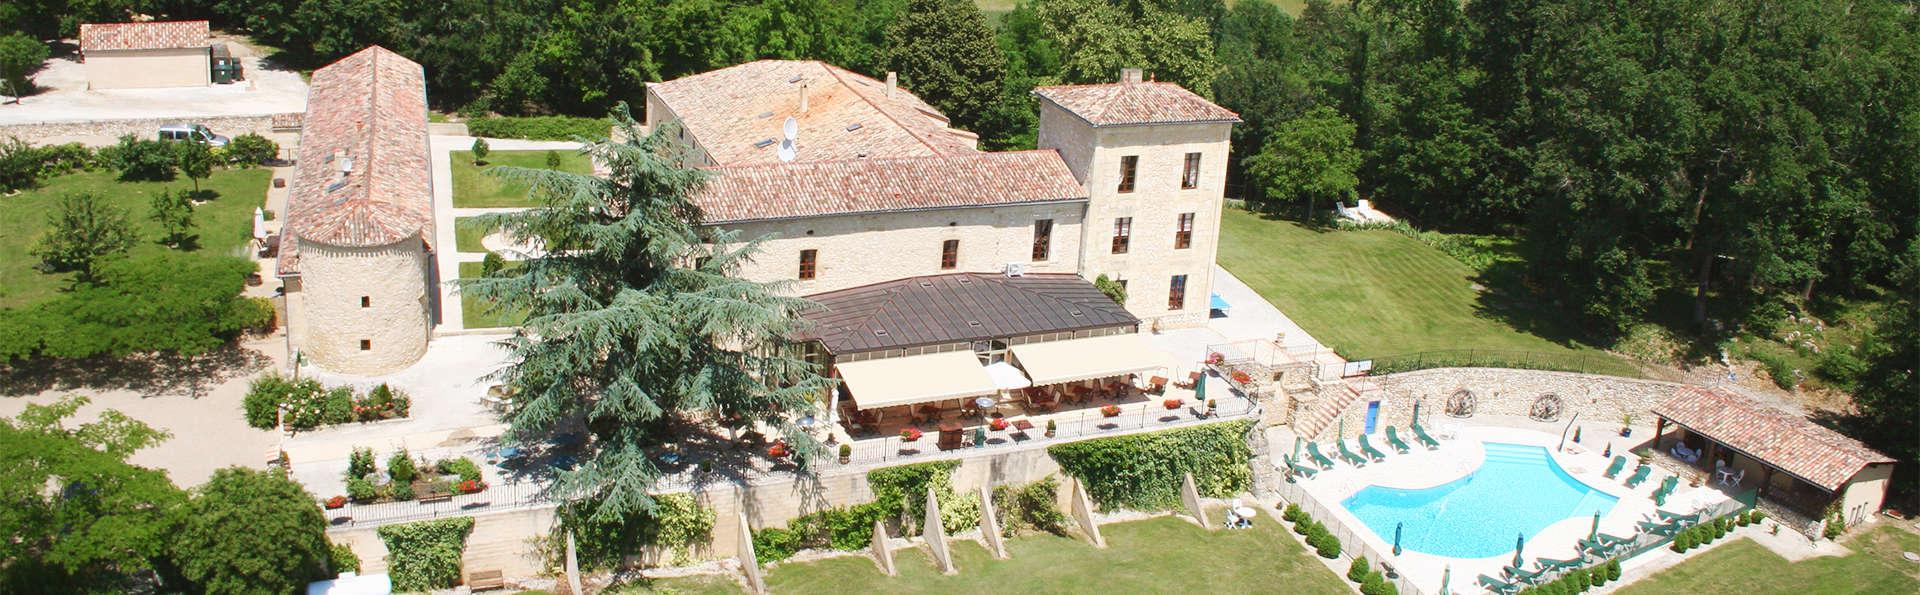 Château de Sanse - EDIT_Fachada_2.jpg